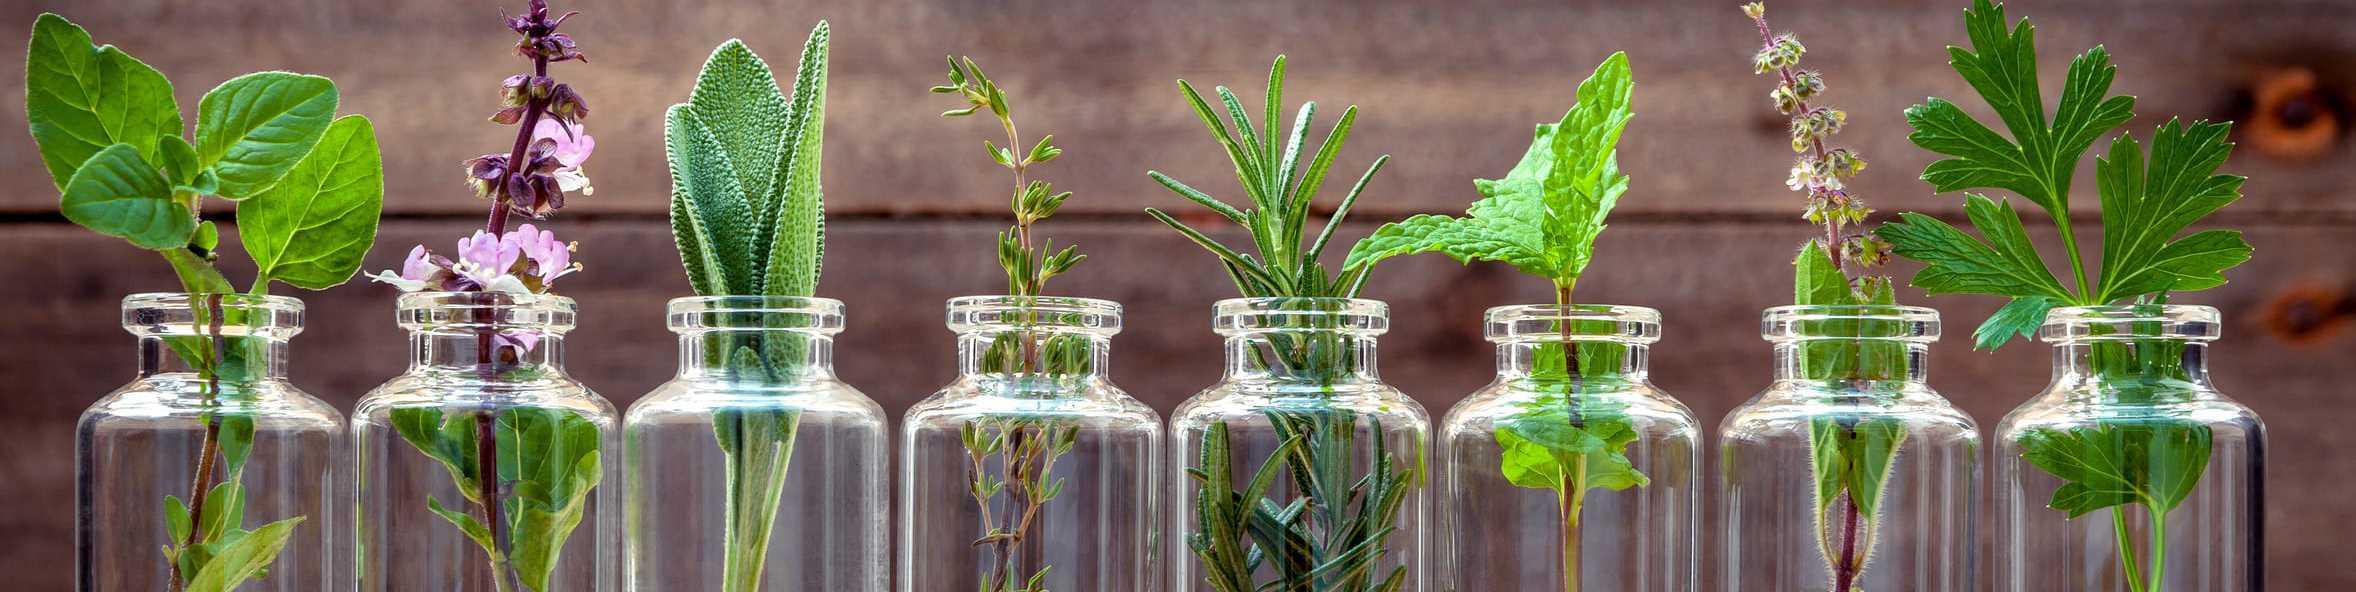 Gläser mit Kräutern die ätherische Öle enthalten